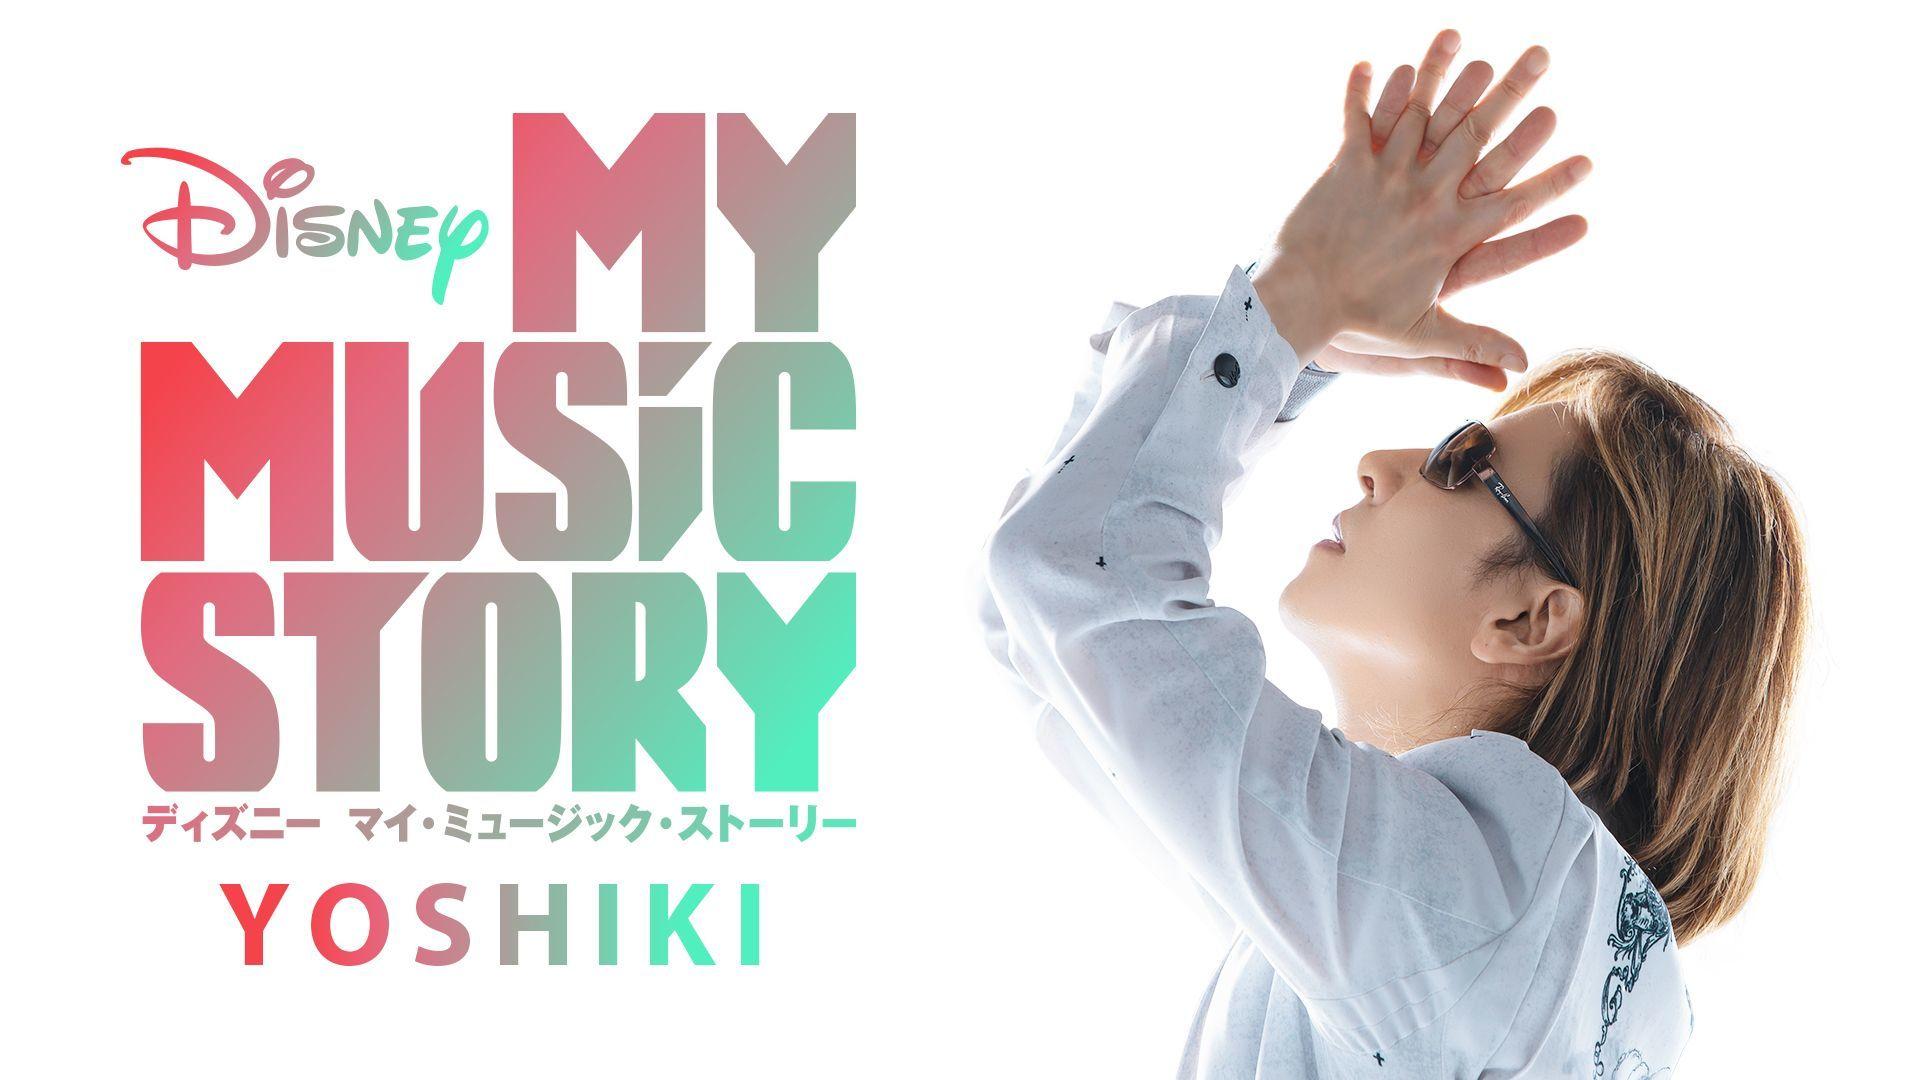 『Disneyマイ・ミュージック・ストーリー - YOSHIKI』ディズニープラスで9月25日(金)より配信開始 (C)2020 Disney